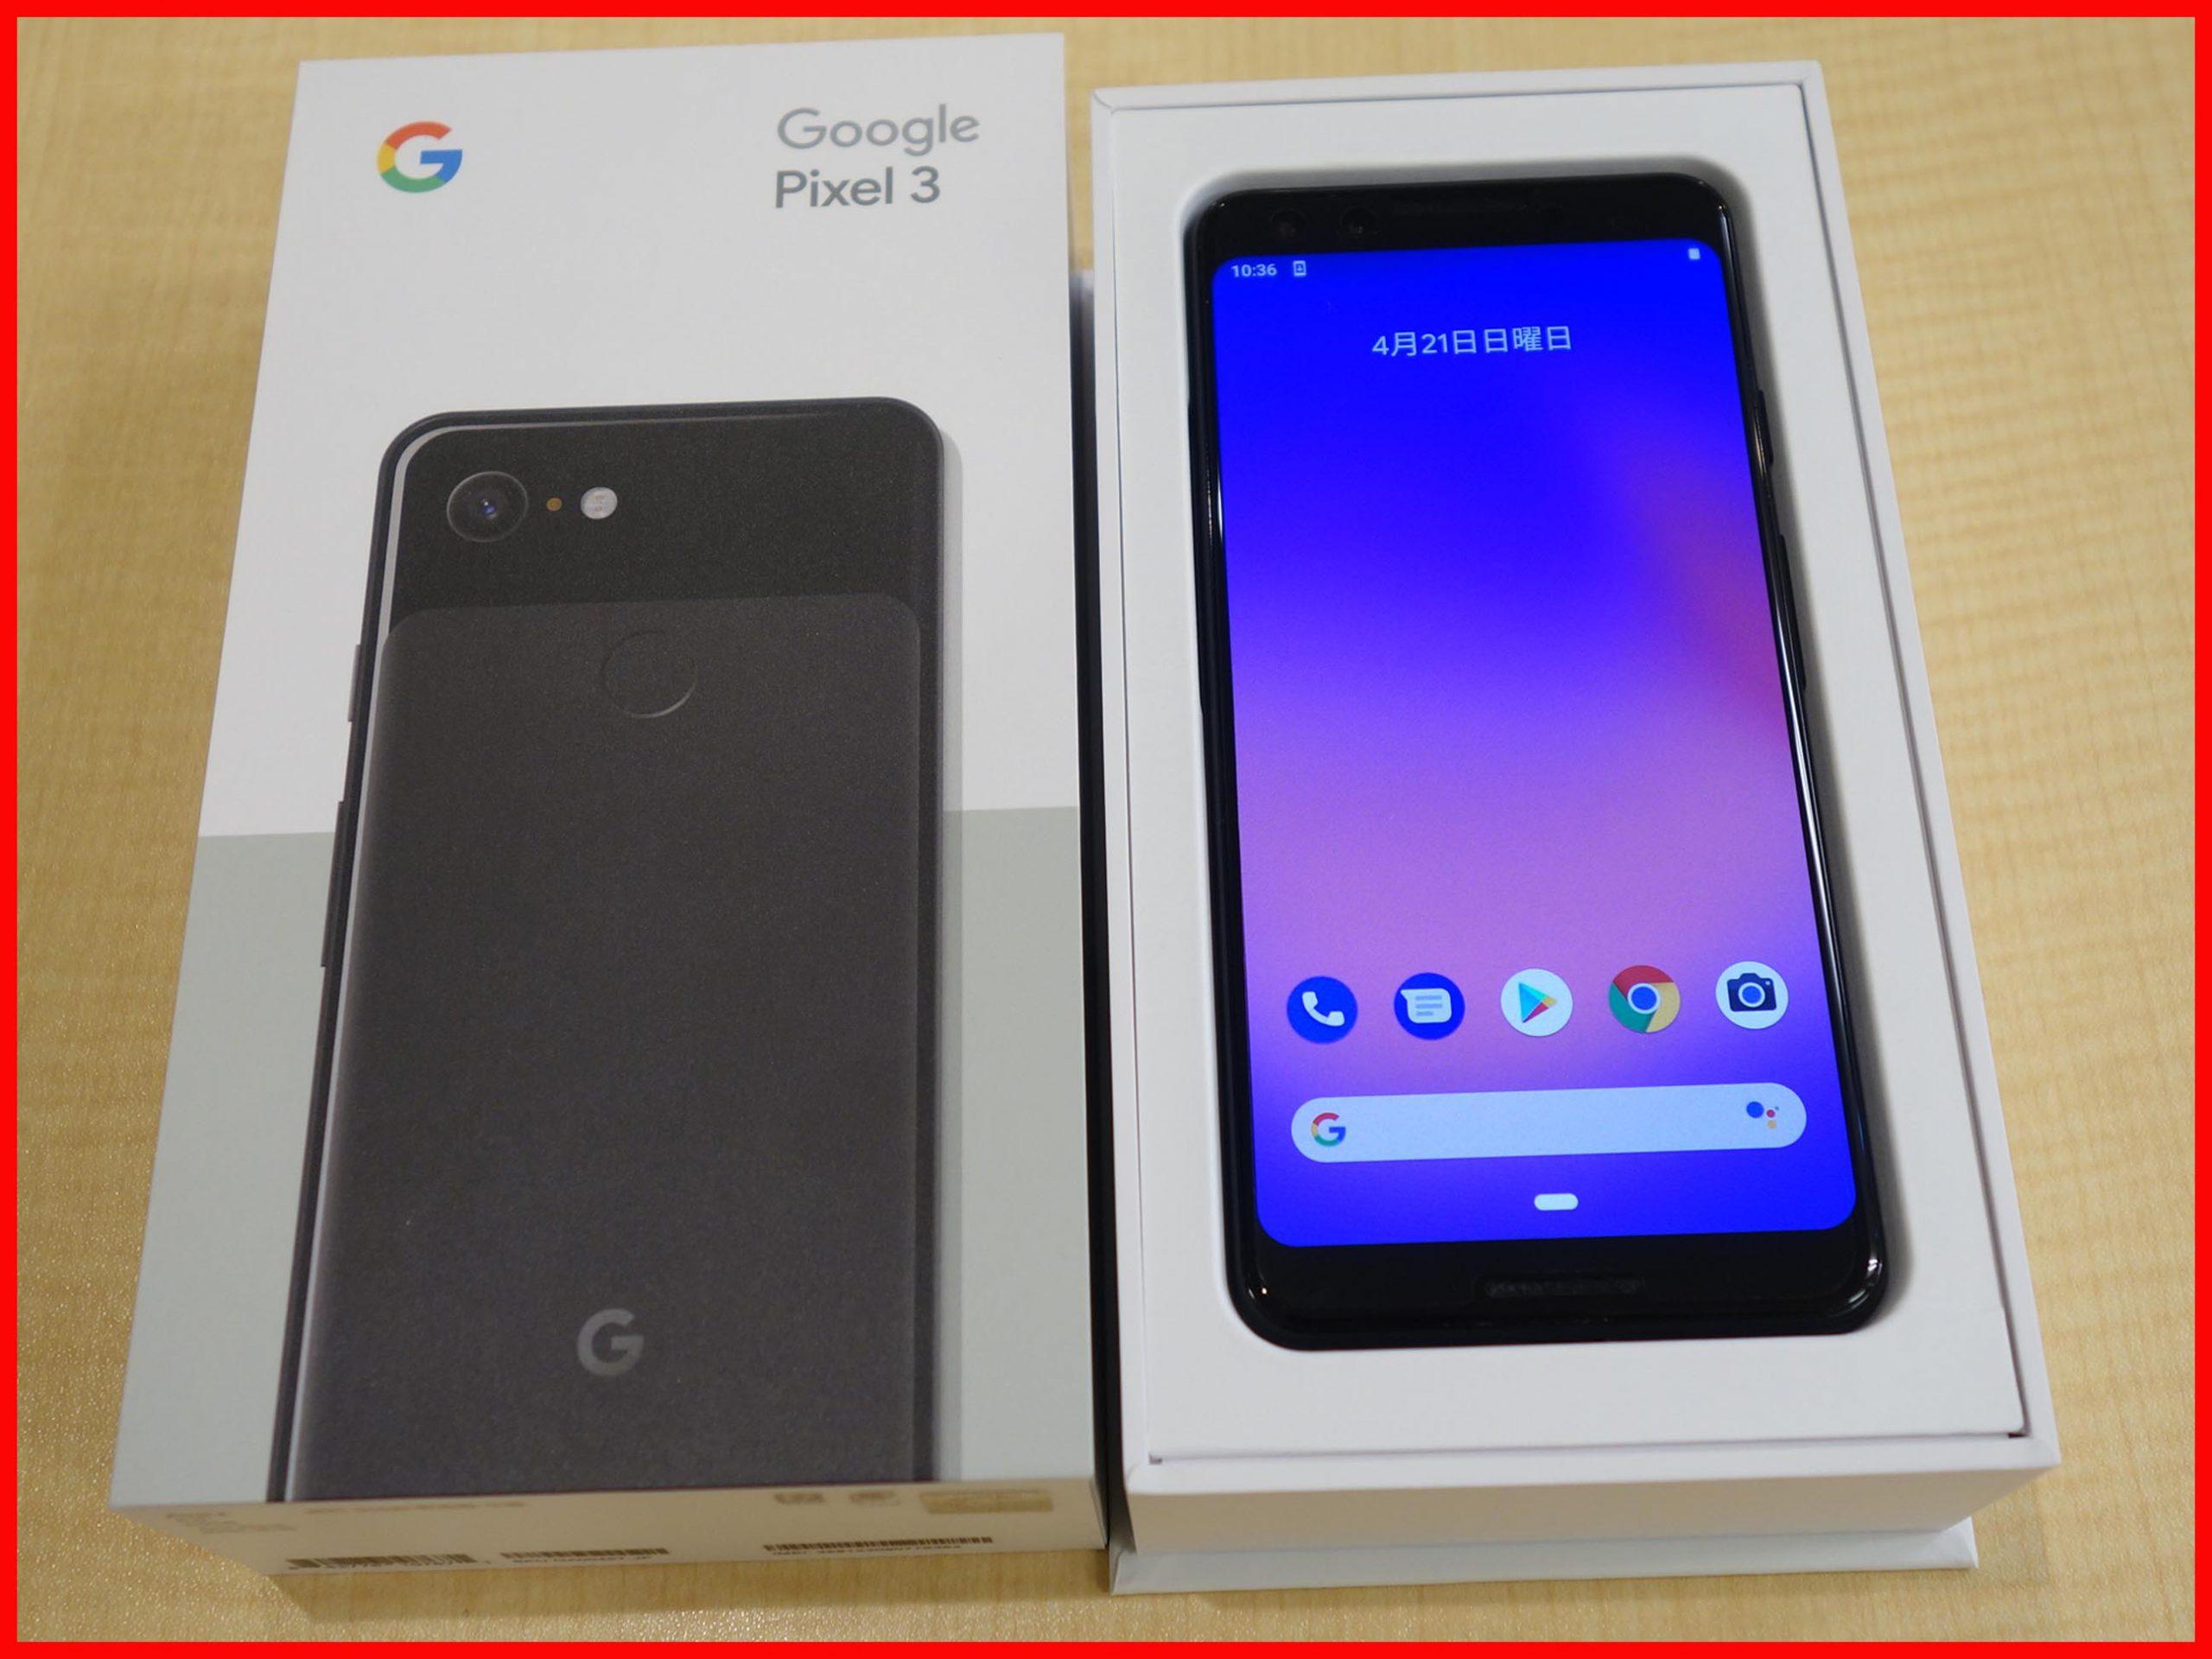 Googleフォン とても綺麗なPixel3 買取しました~♪クイック名古屋